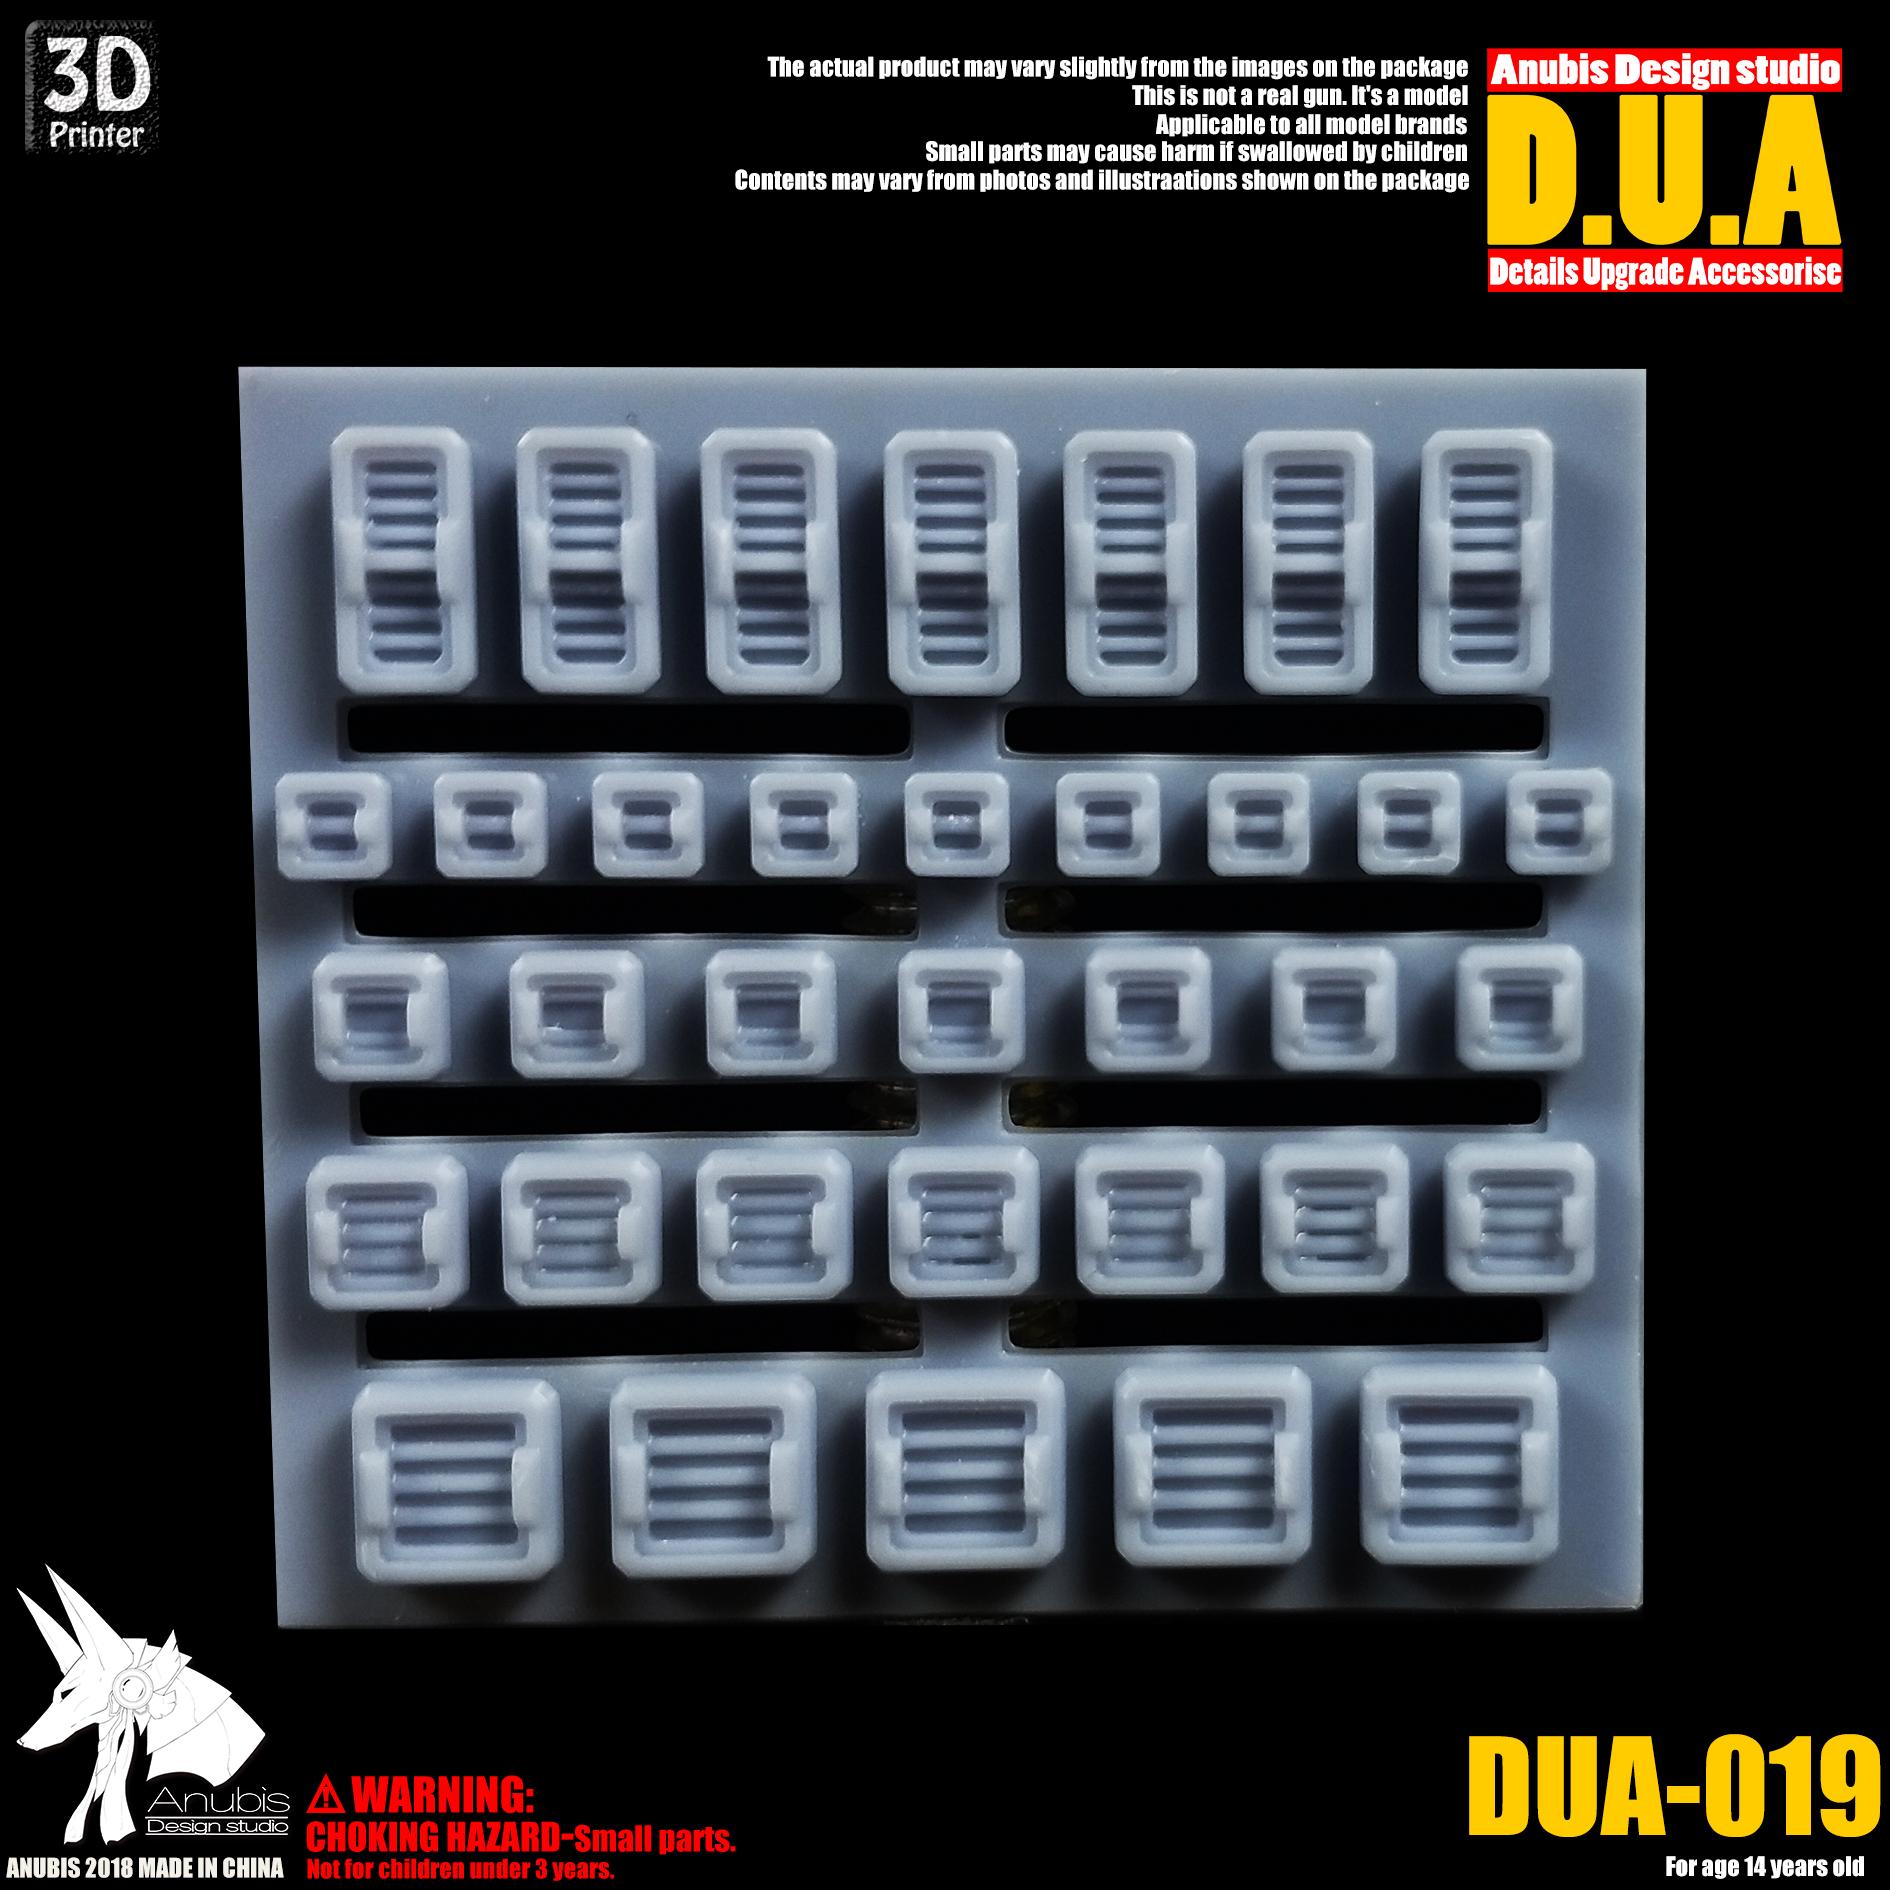 G413_DUA019_002.jpg